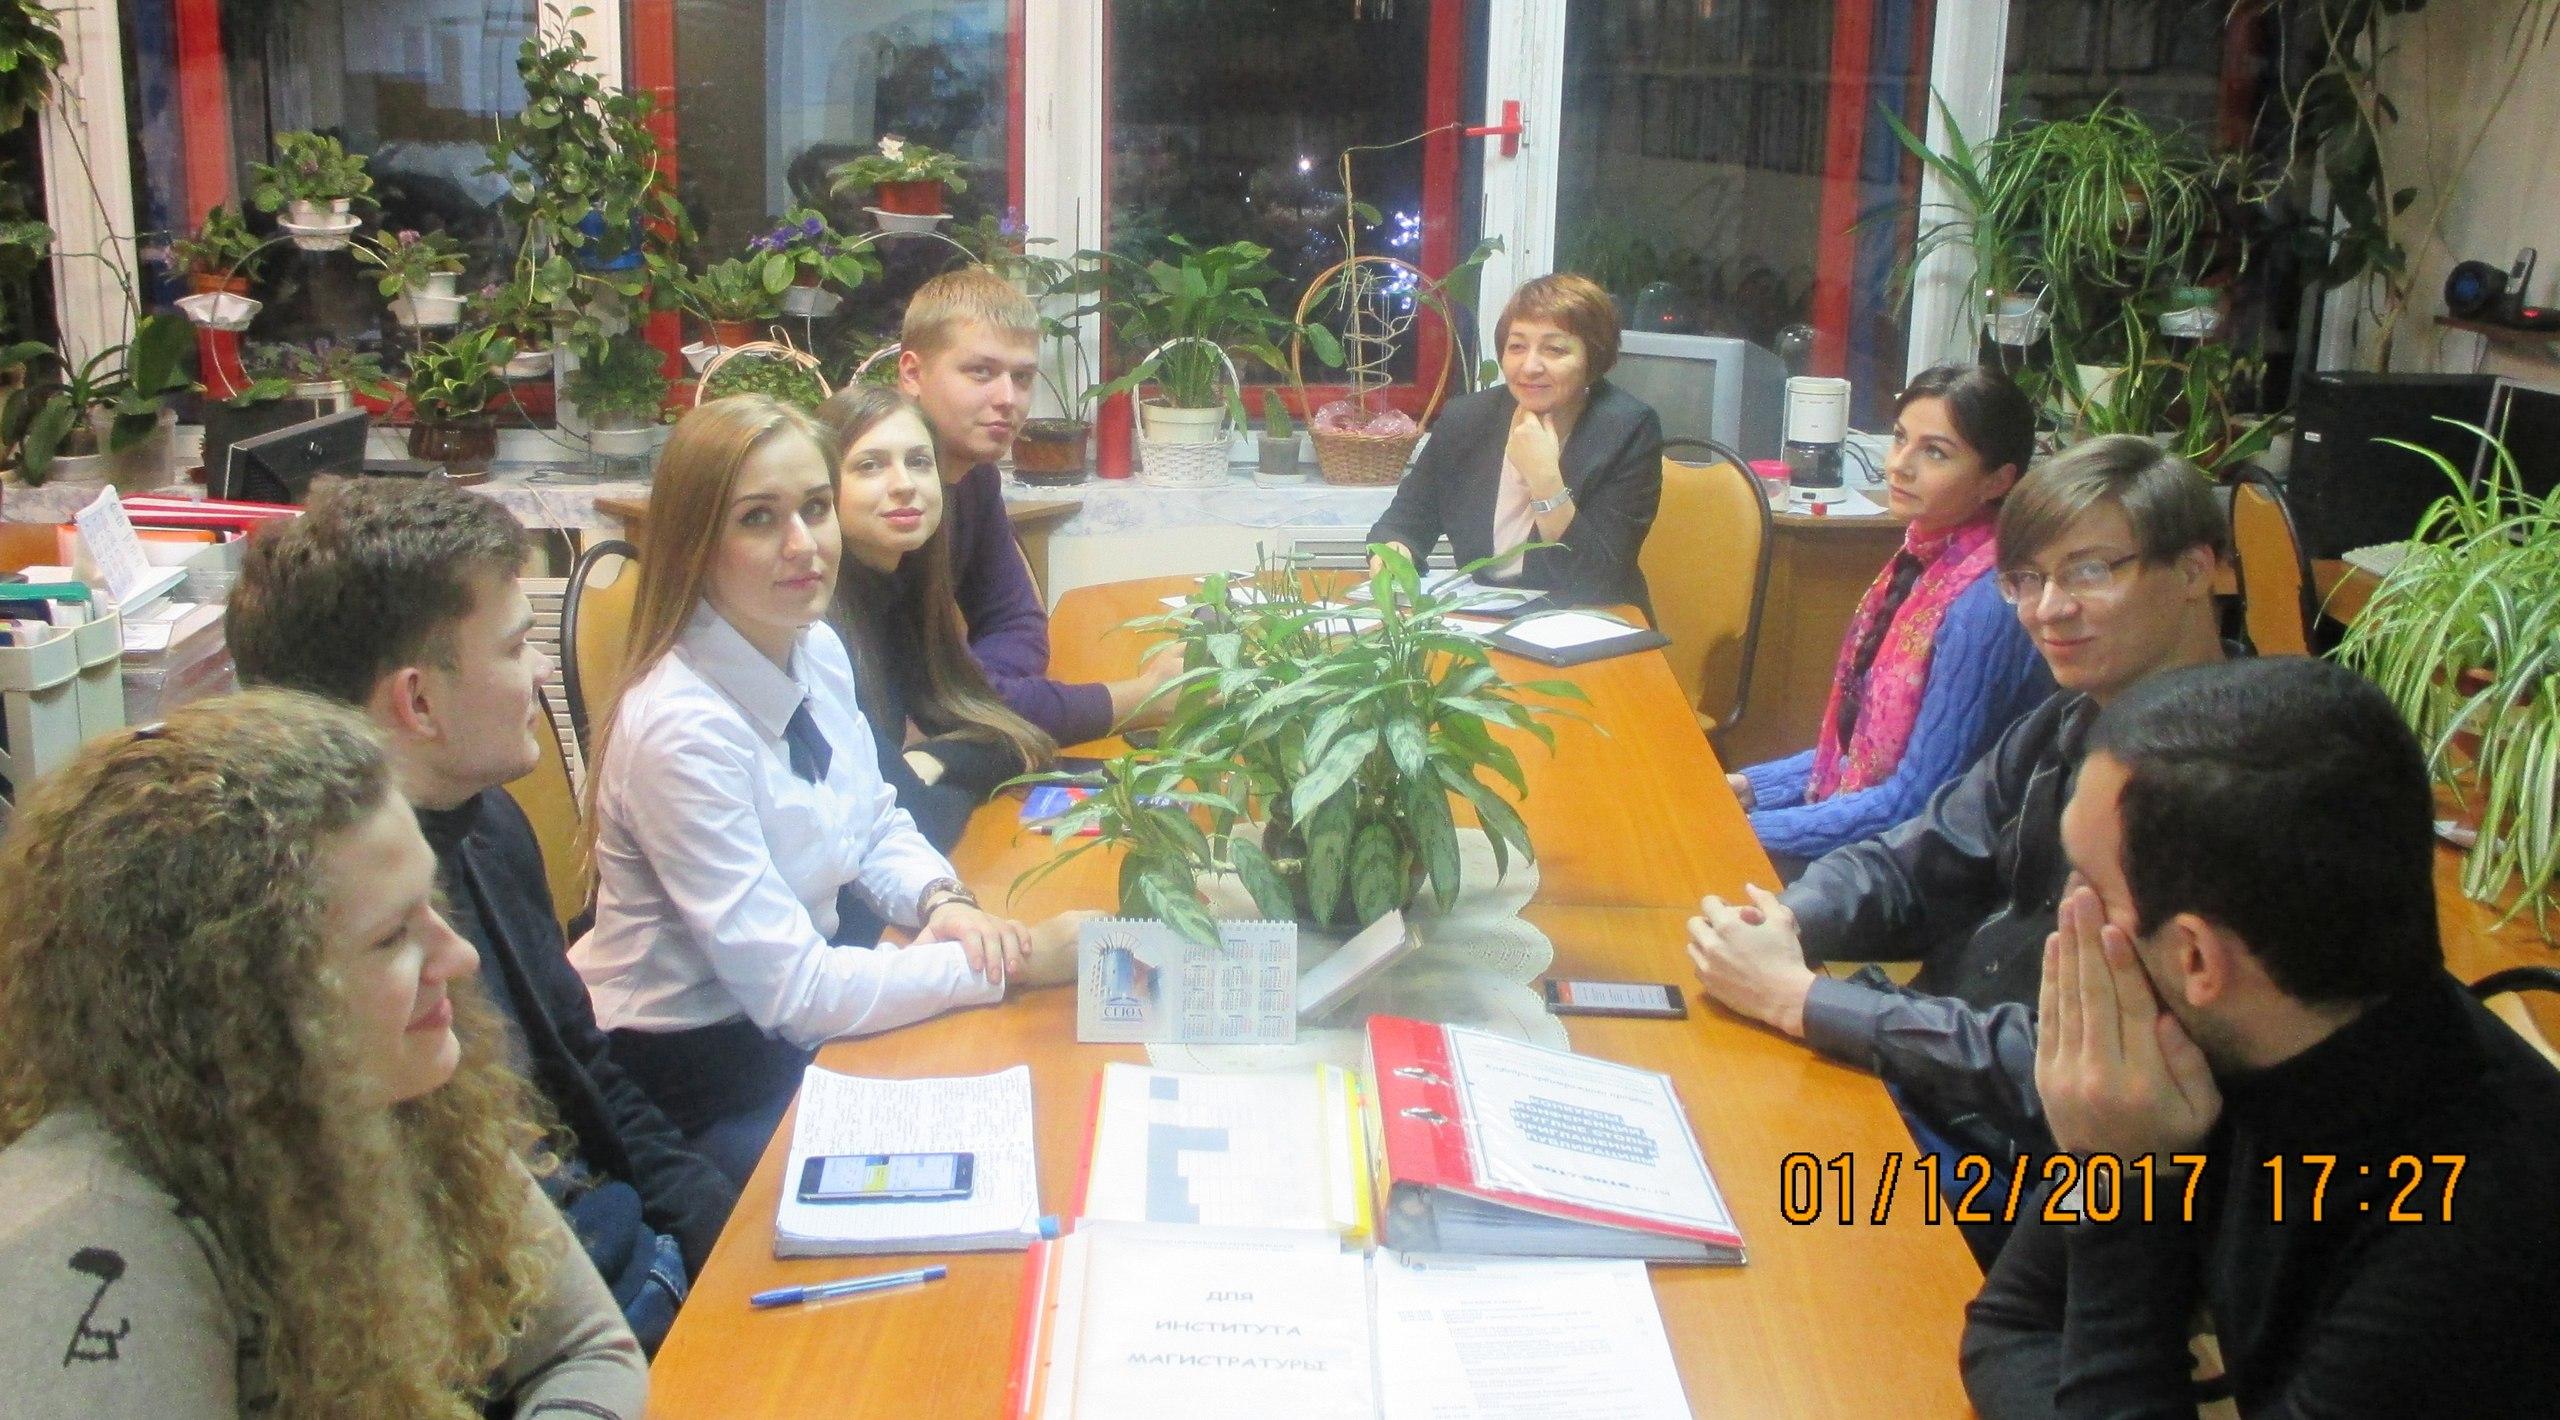 В Институте магистратуры состоялся круглый стол на тему «Отражение идей великих юристов в современном законодательстве и правоприменительной практике Российской Федерации»